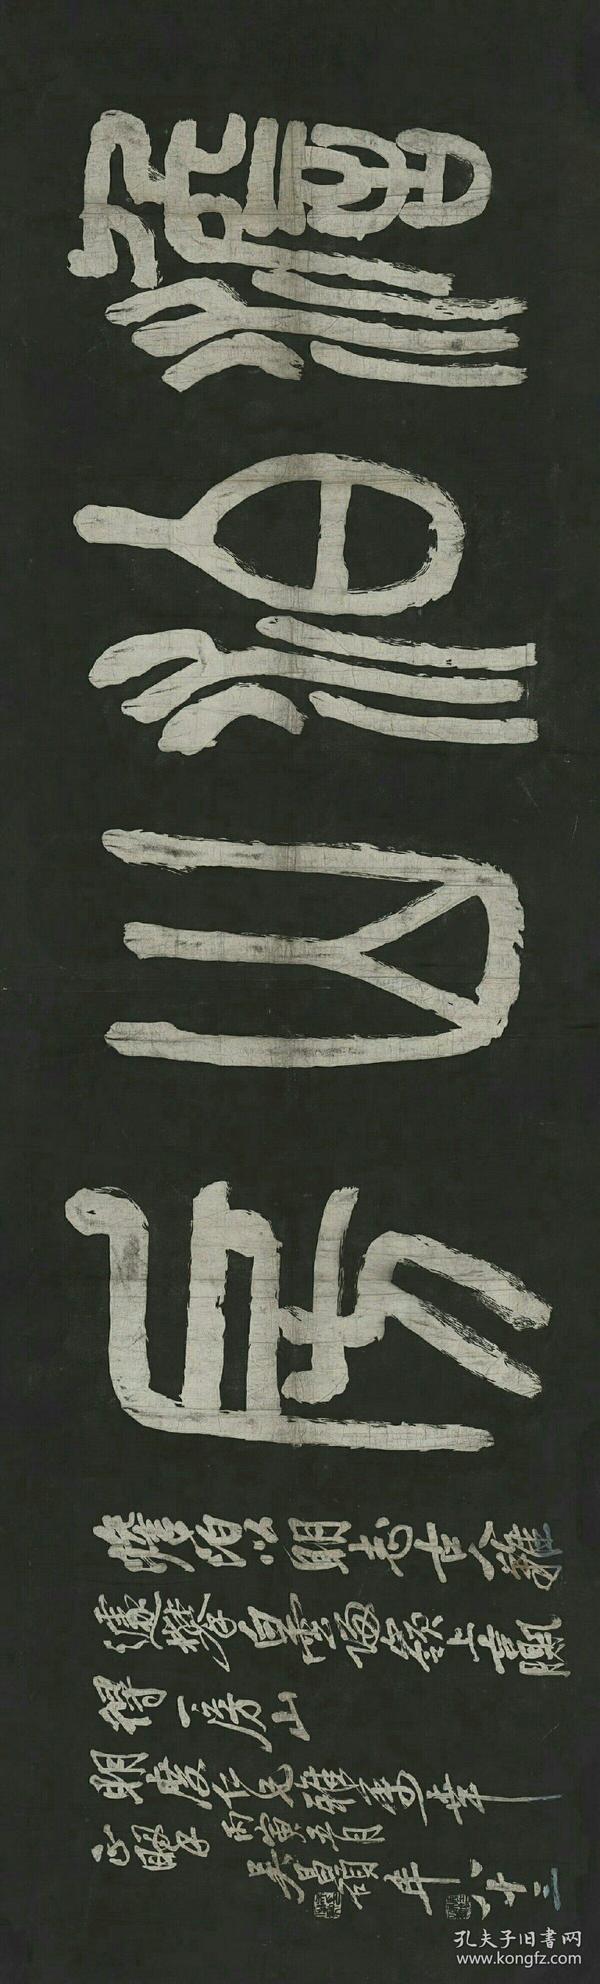 吴昌硕-澹泊山房。拓片尺寸63.69*210.41厘米。宣纸原色原大微喷印制。